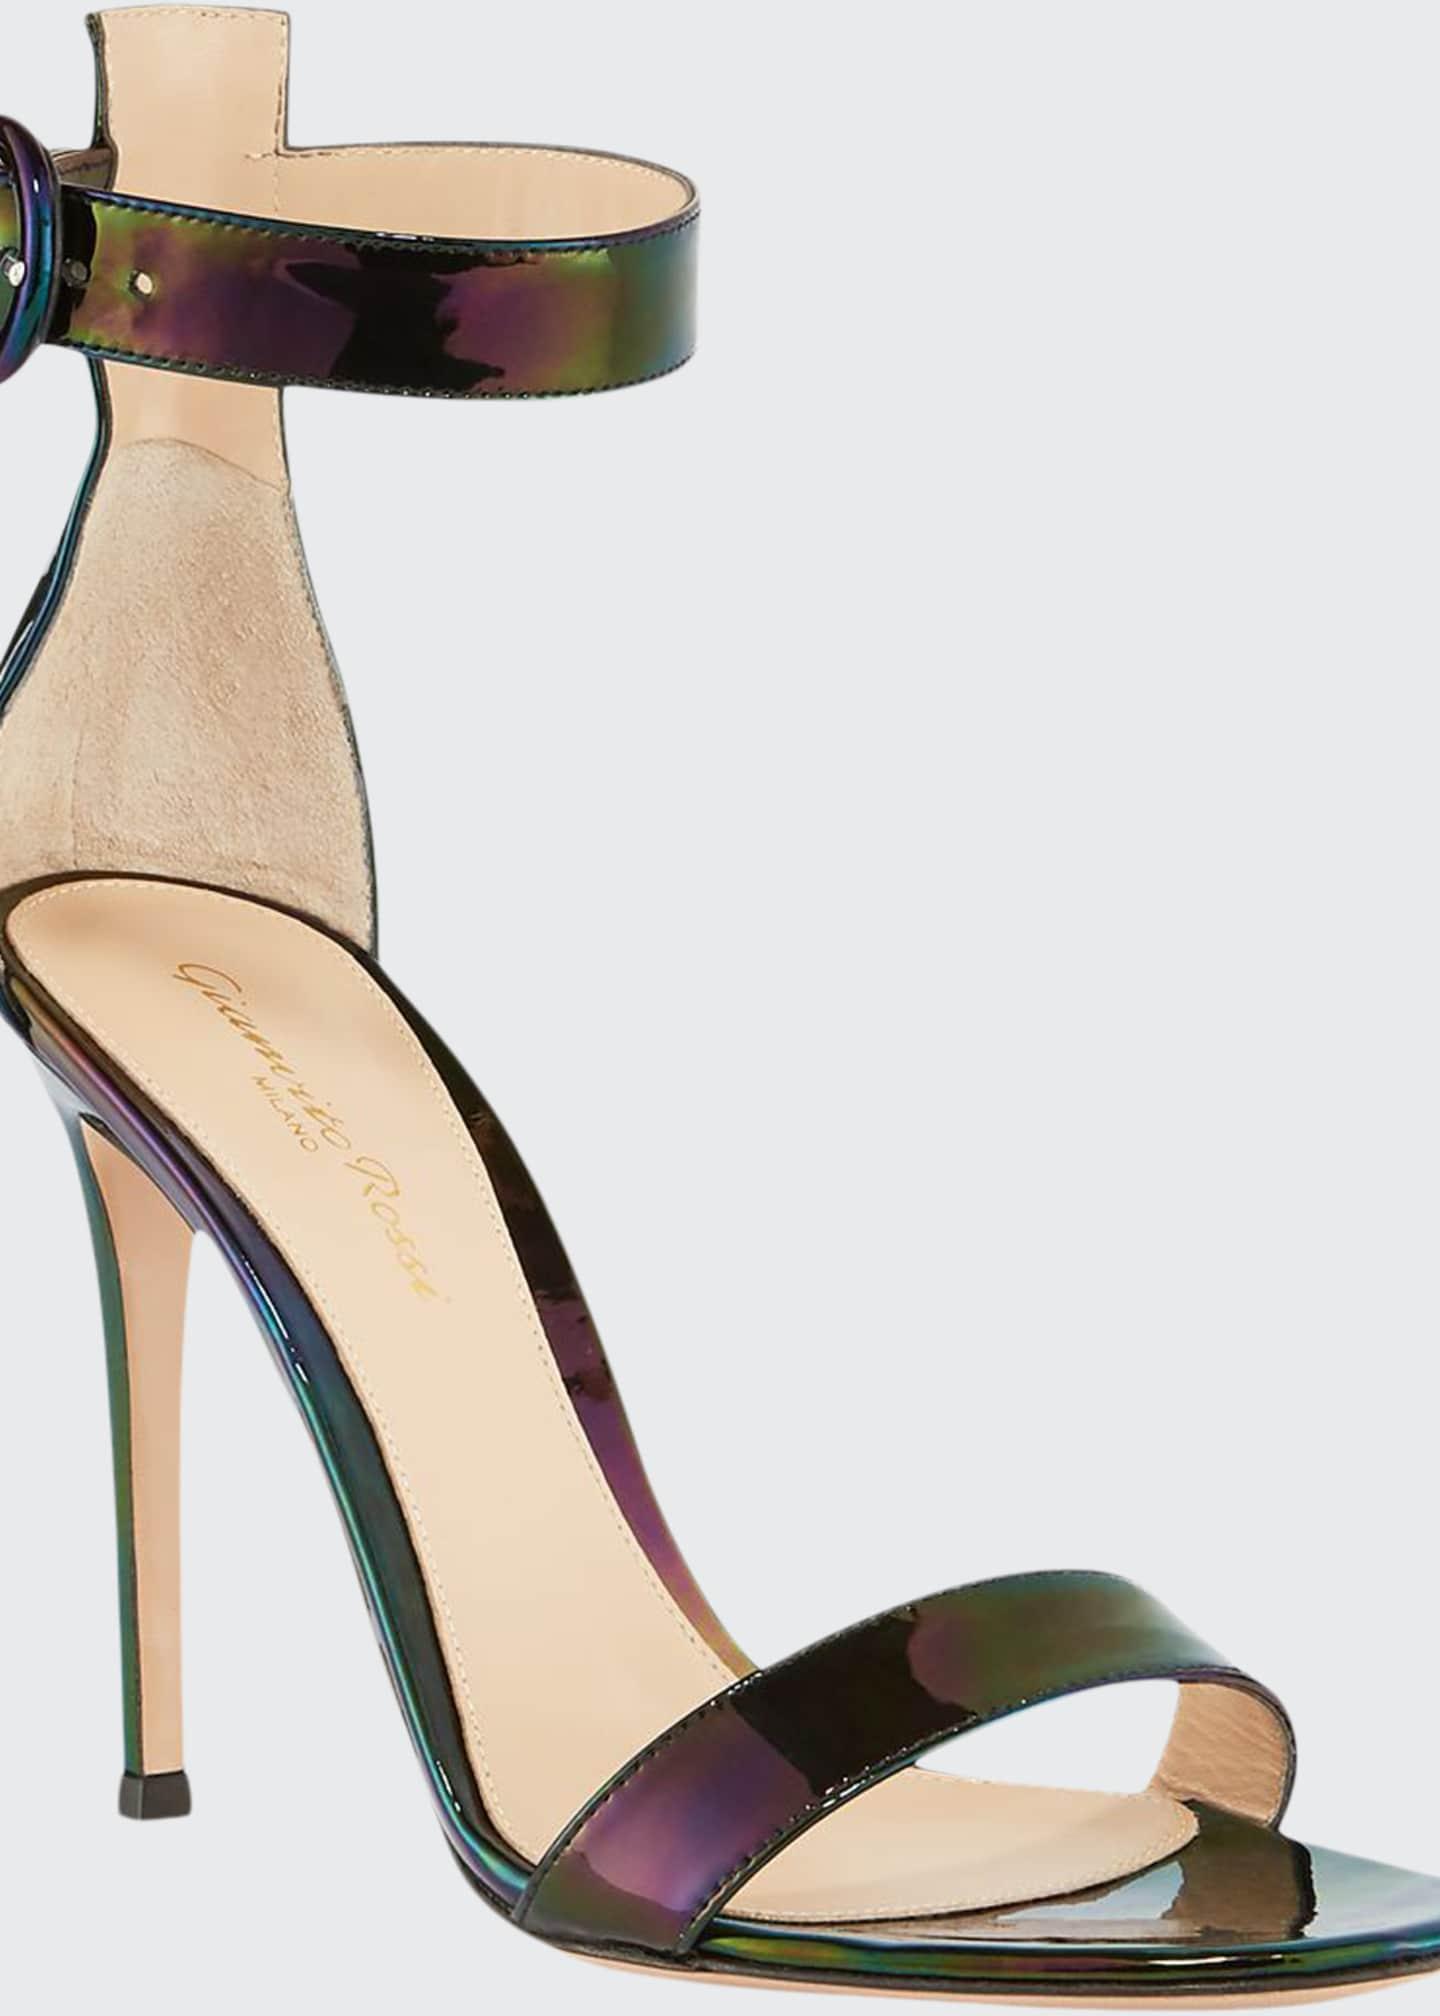 Gianvito Rossi Portofino Oil-Slick Patent 105mm Ankle-Strap